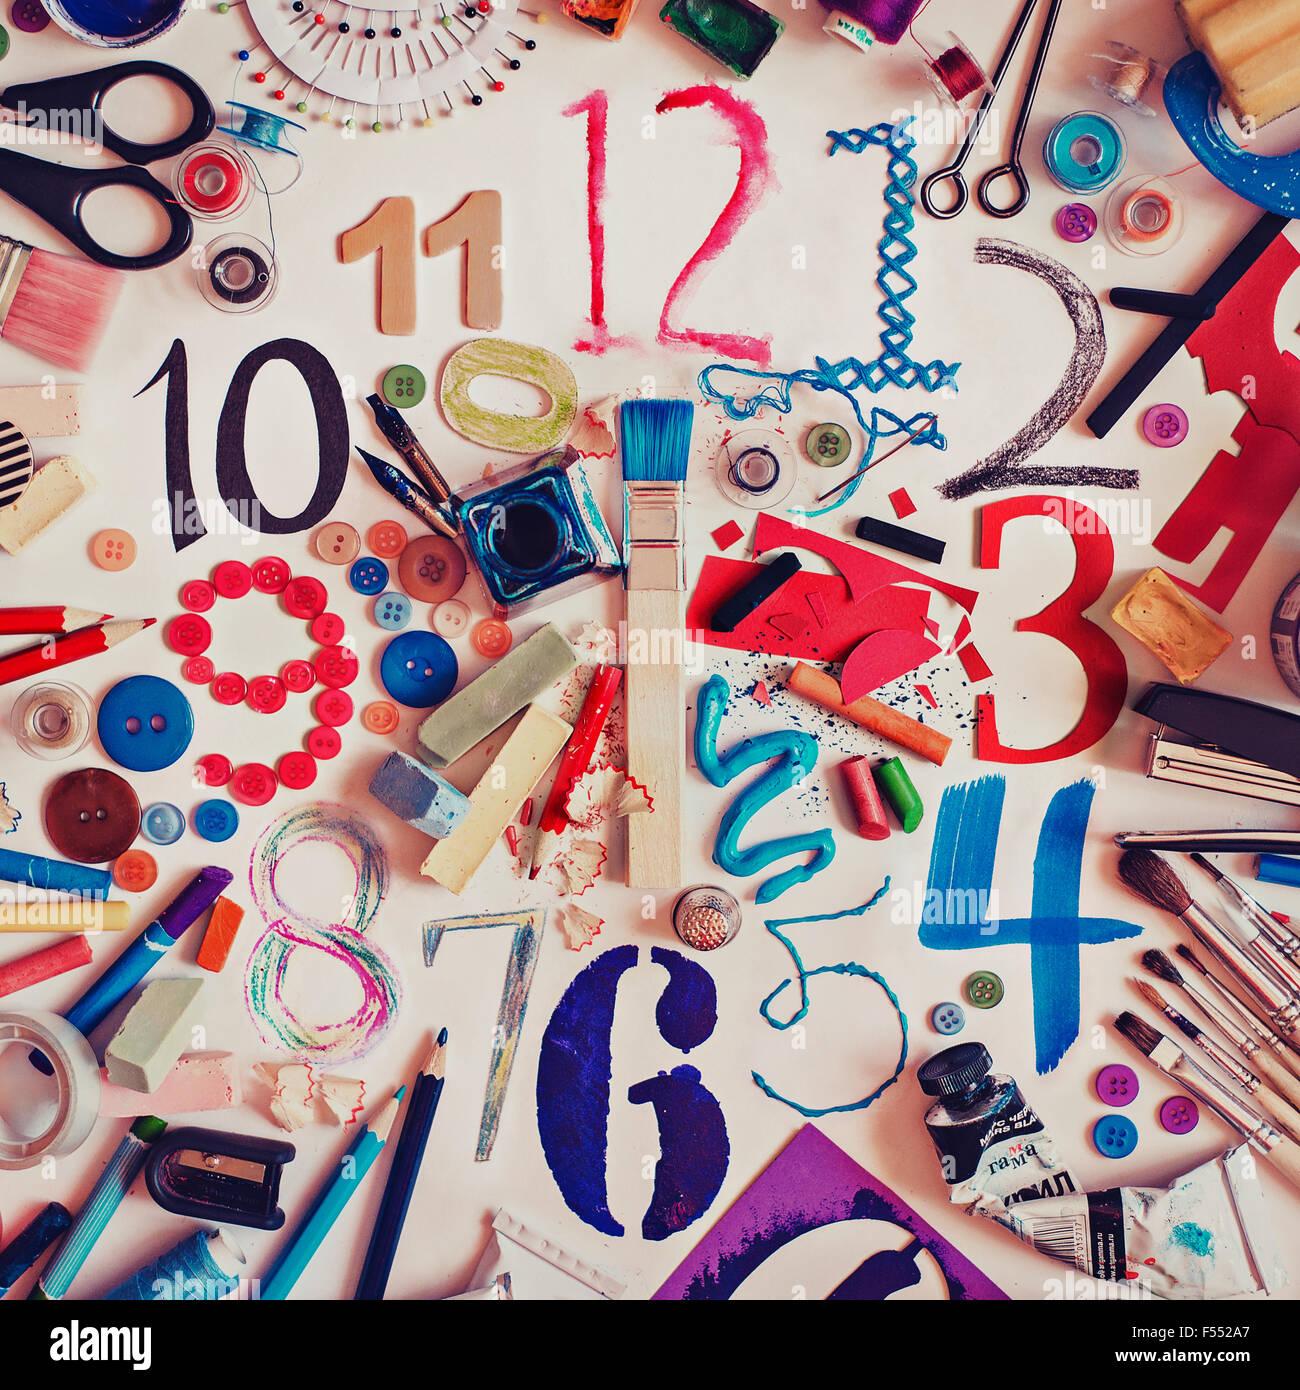 Horloge art Photo Stock